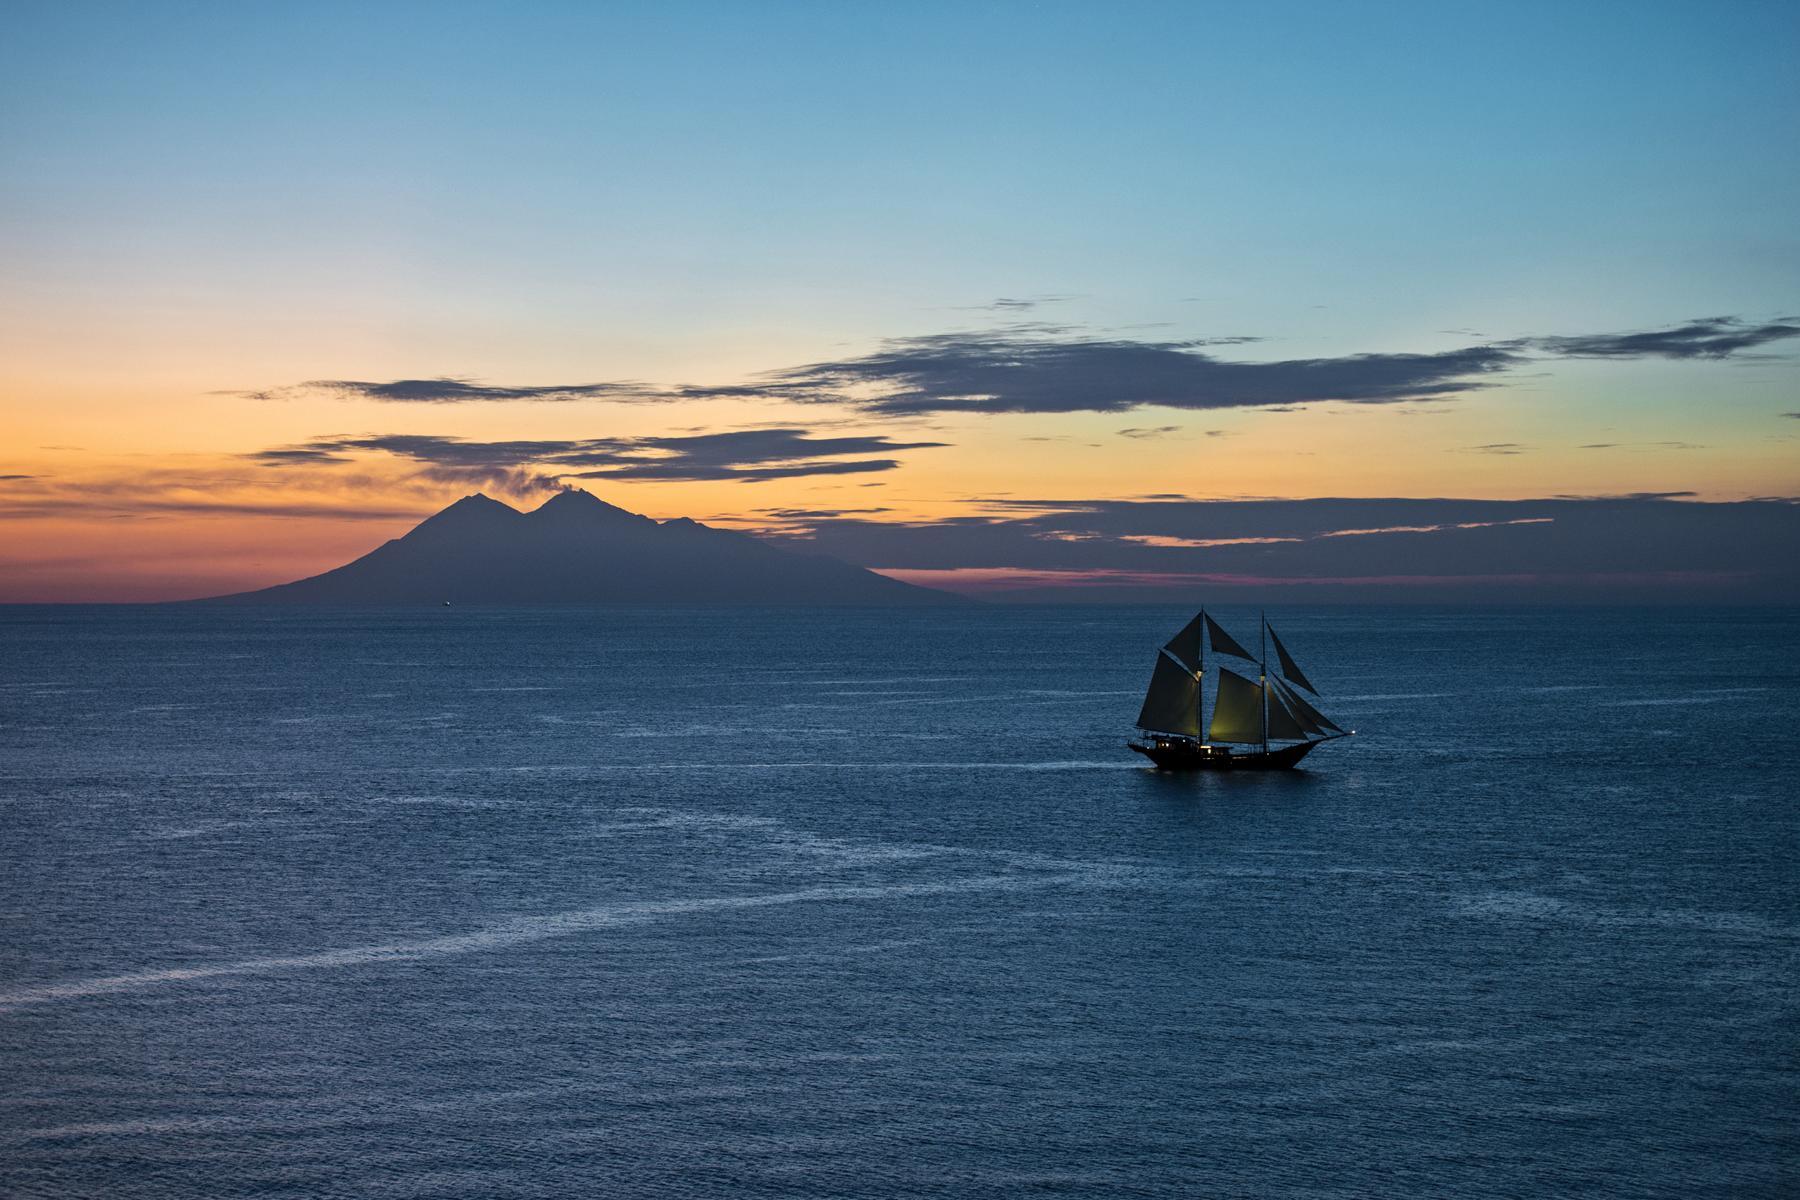 Das Segelschiff Amandira von Aman Cruises auf offener See im Dämmerlicht